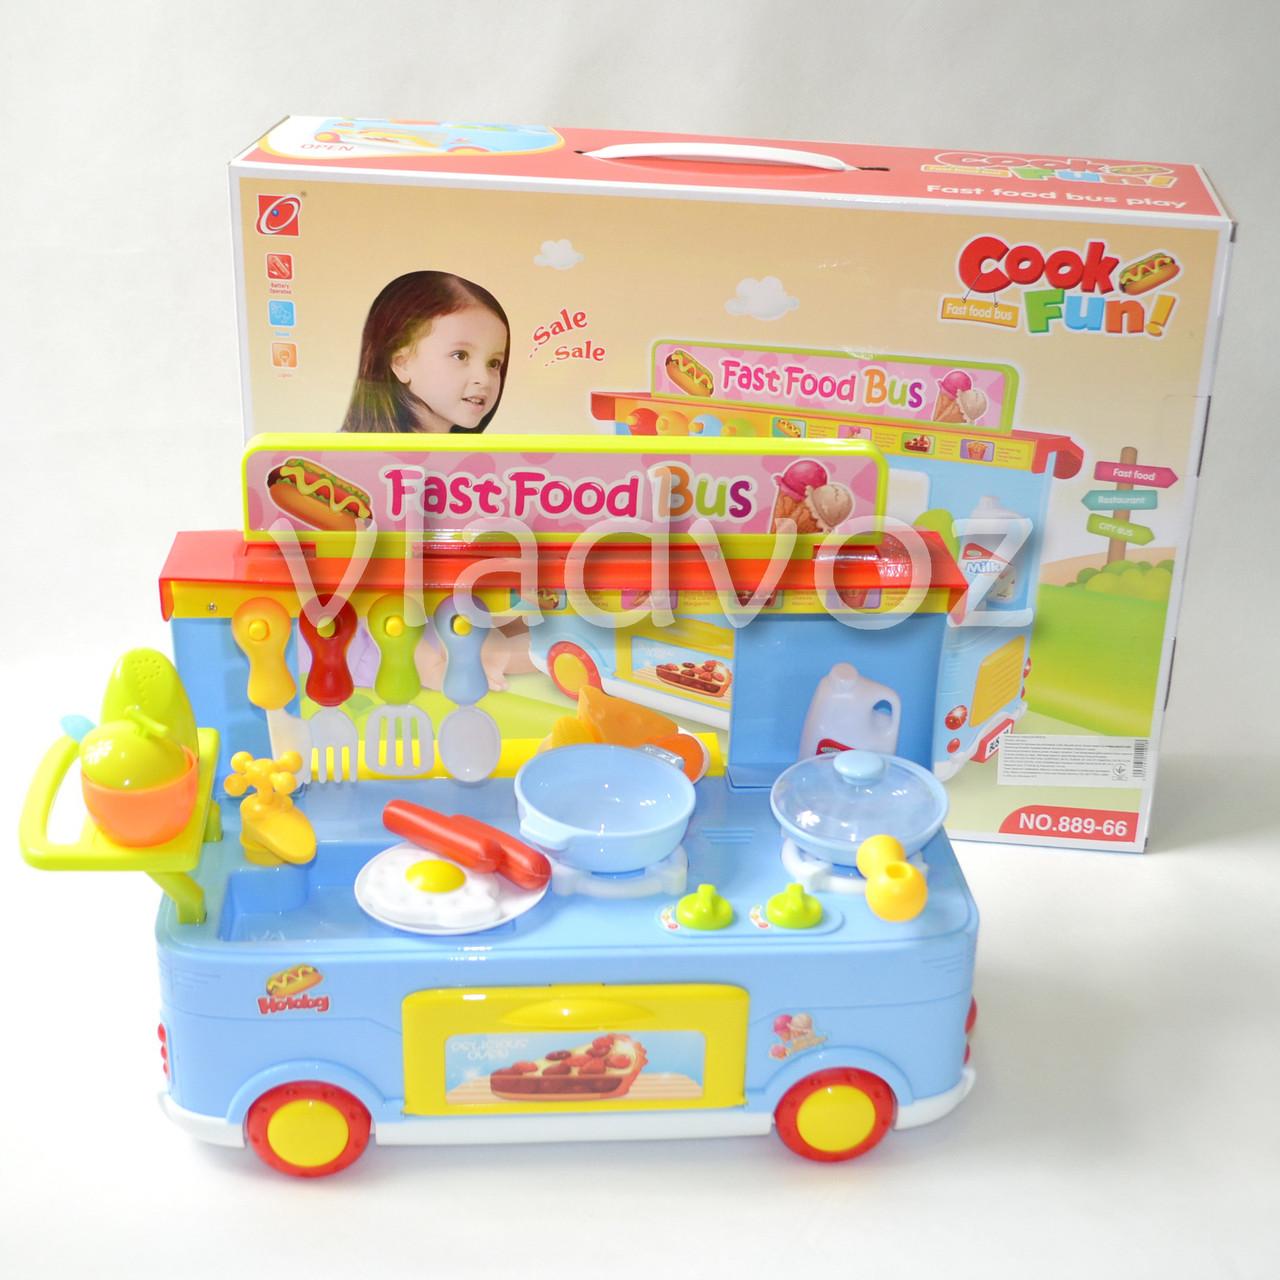 Детская кухня, плита 2 комфорки голубая Fast food Bus на колесах - интернет магазин vladvoz.in.ua тел. мтс 0664476900, киевстар 0977864700, лайф 0933641800 в Николаевской области